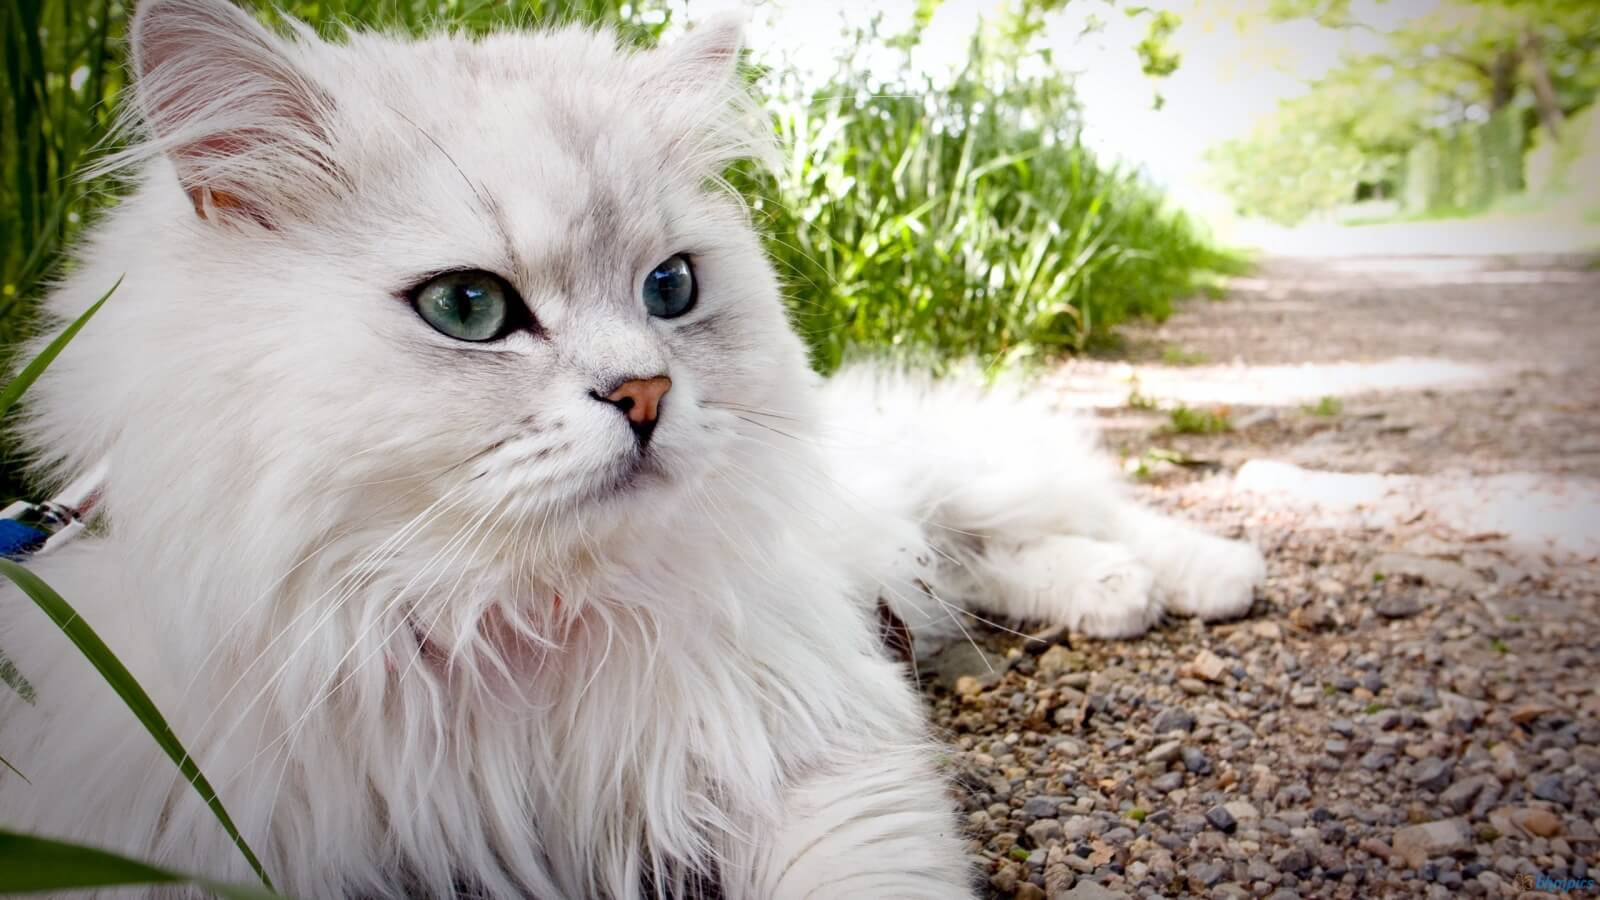 ペルシャ猫の性格、飼い方、価格相場☆上品さ溢れる白いふわふわ、もはや王様級♡